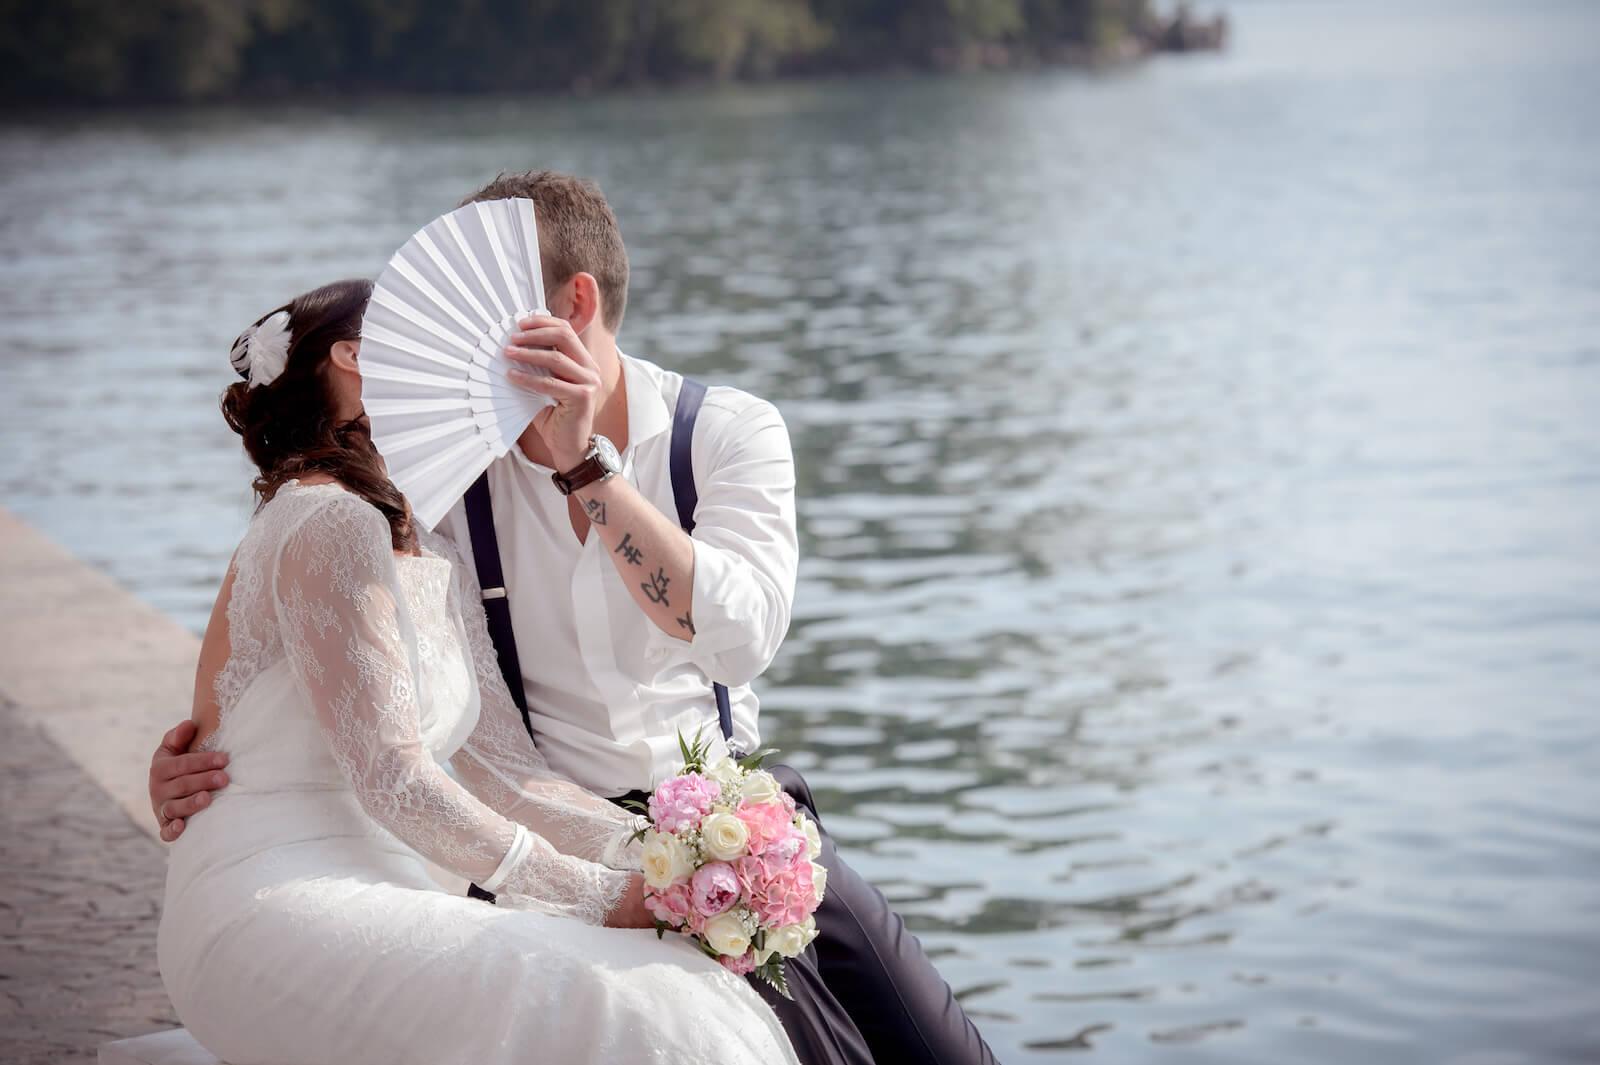 Hochzeit Gardasee - Brautpaar küsst sich am Ufer des Gardasee